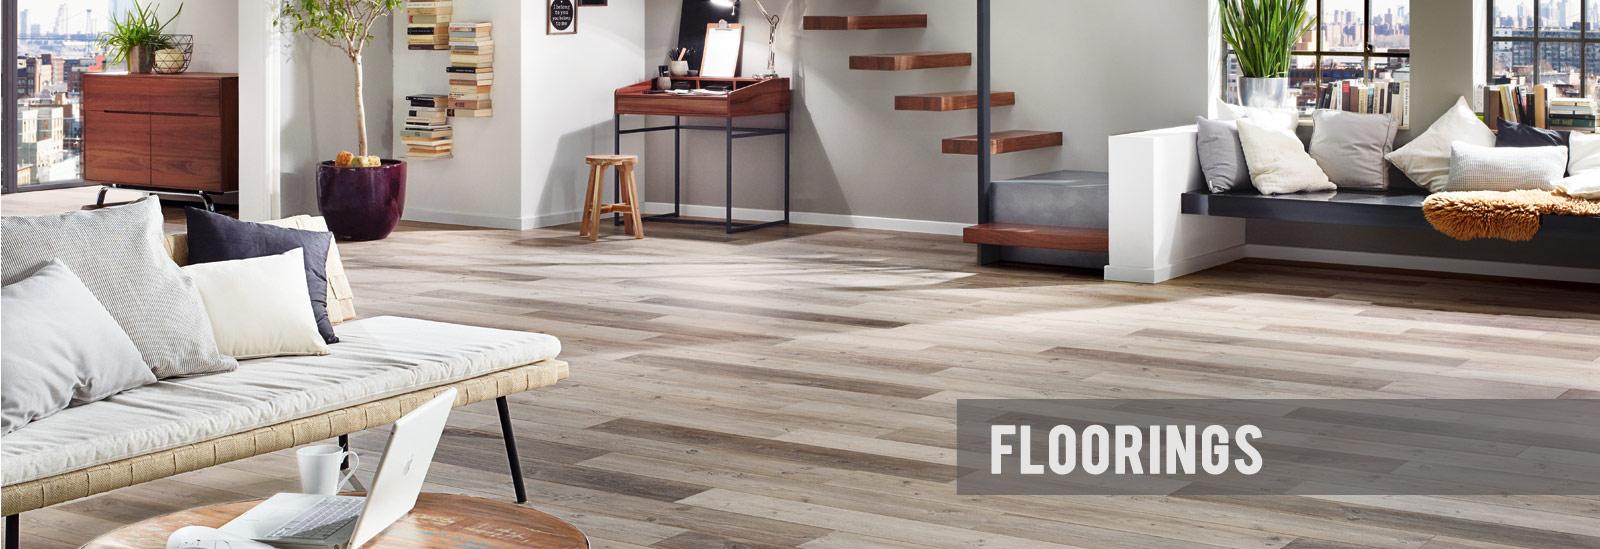 Floorings-banner